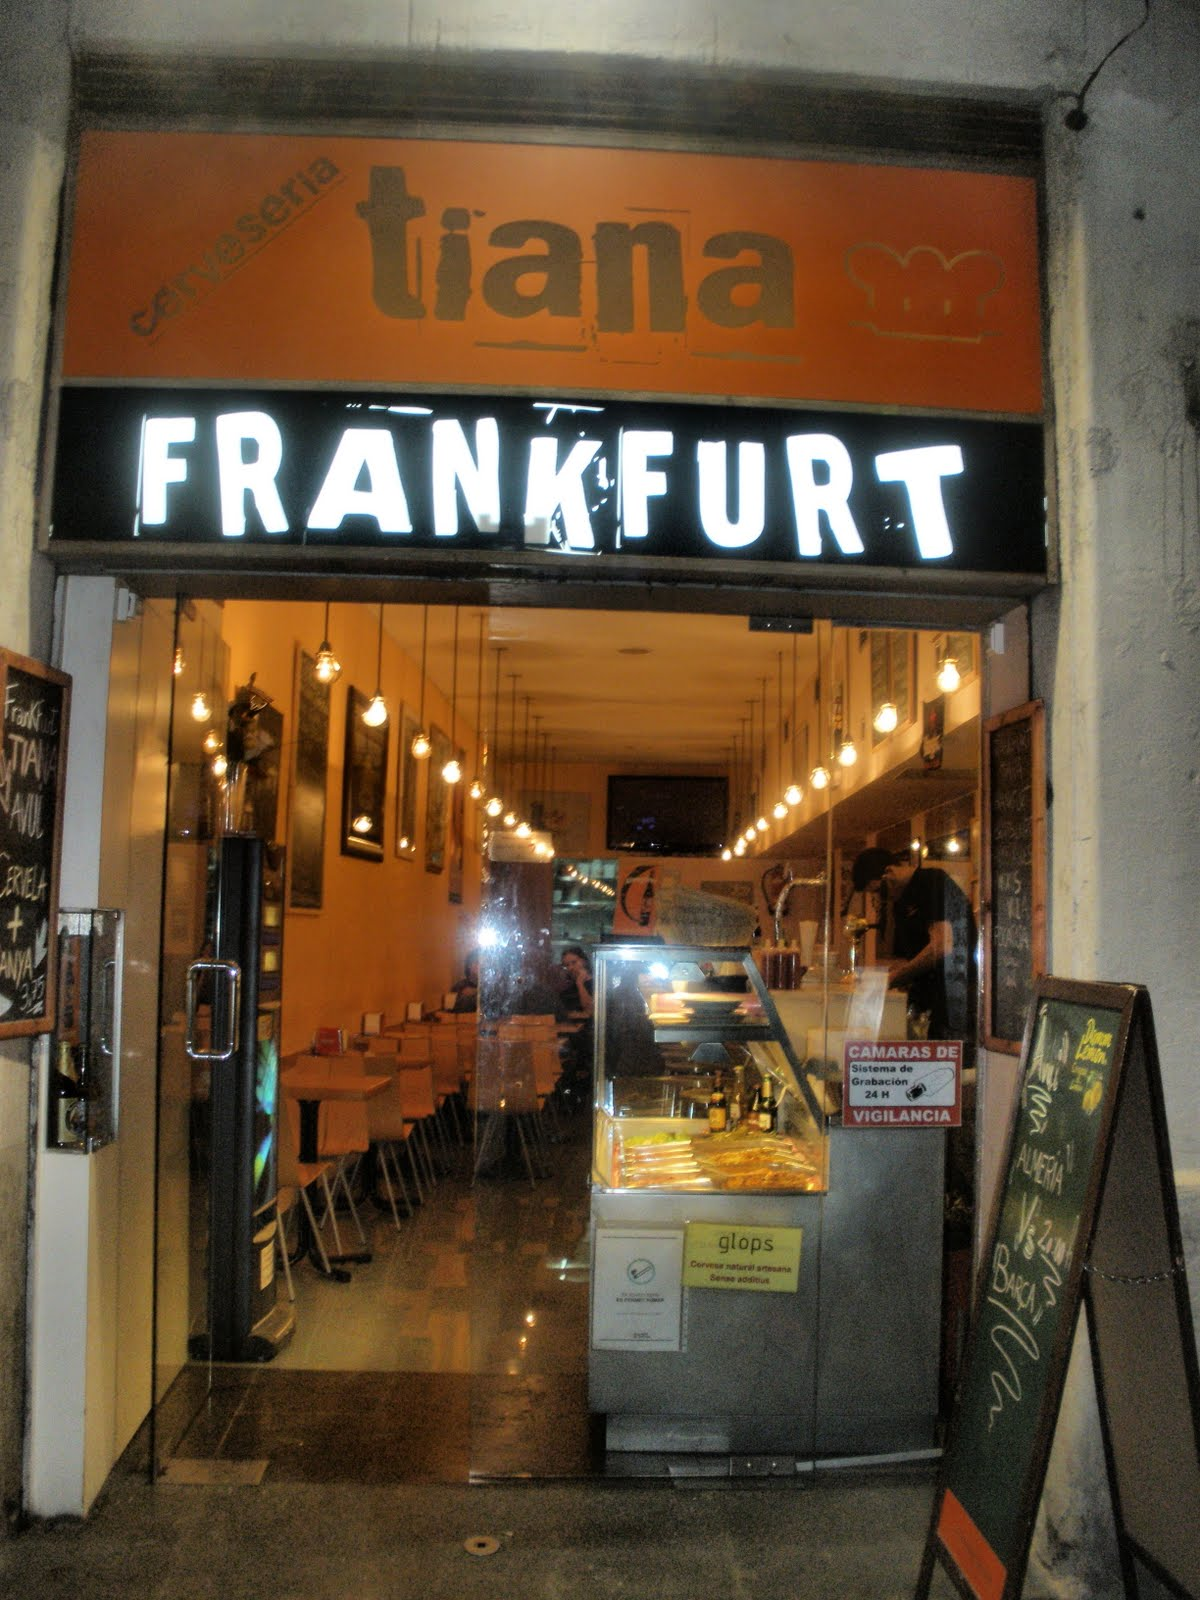 Observaci n gastron mica tiana frankfurt barcelona for Vaciado de locales en barcelona